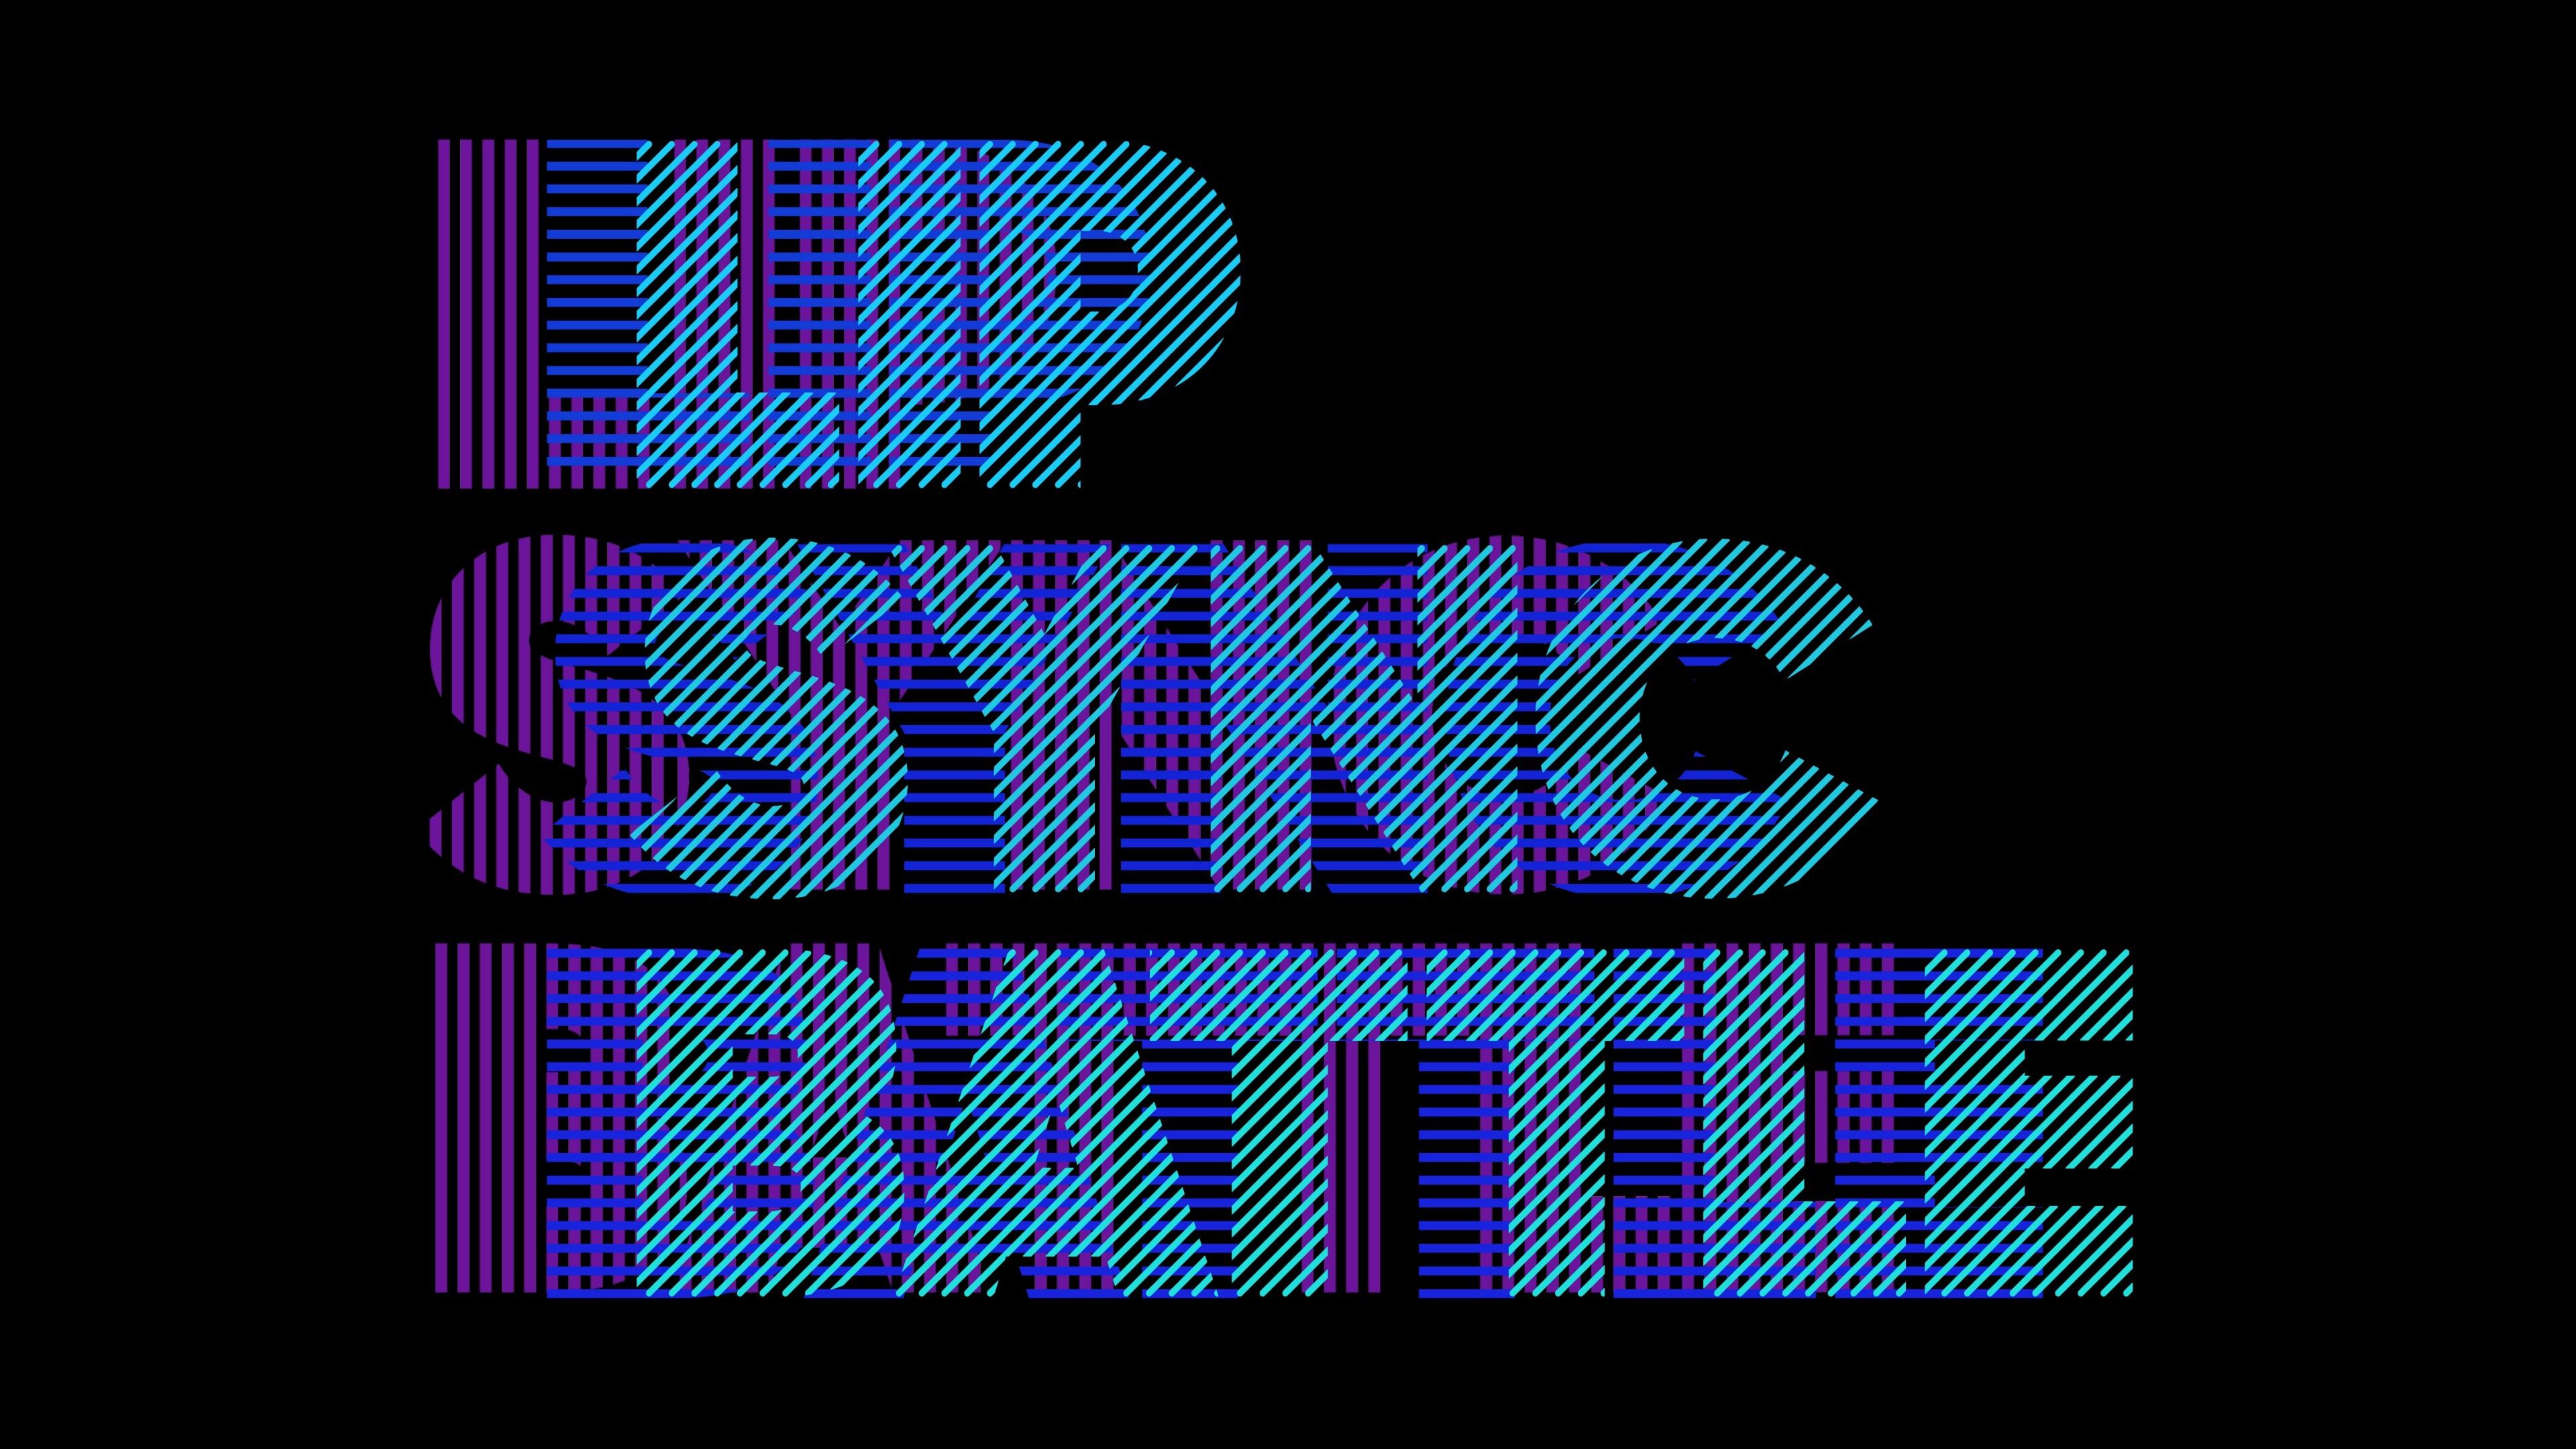 … lip sync battle music hd 4k wallpapers …